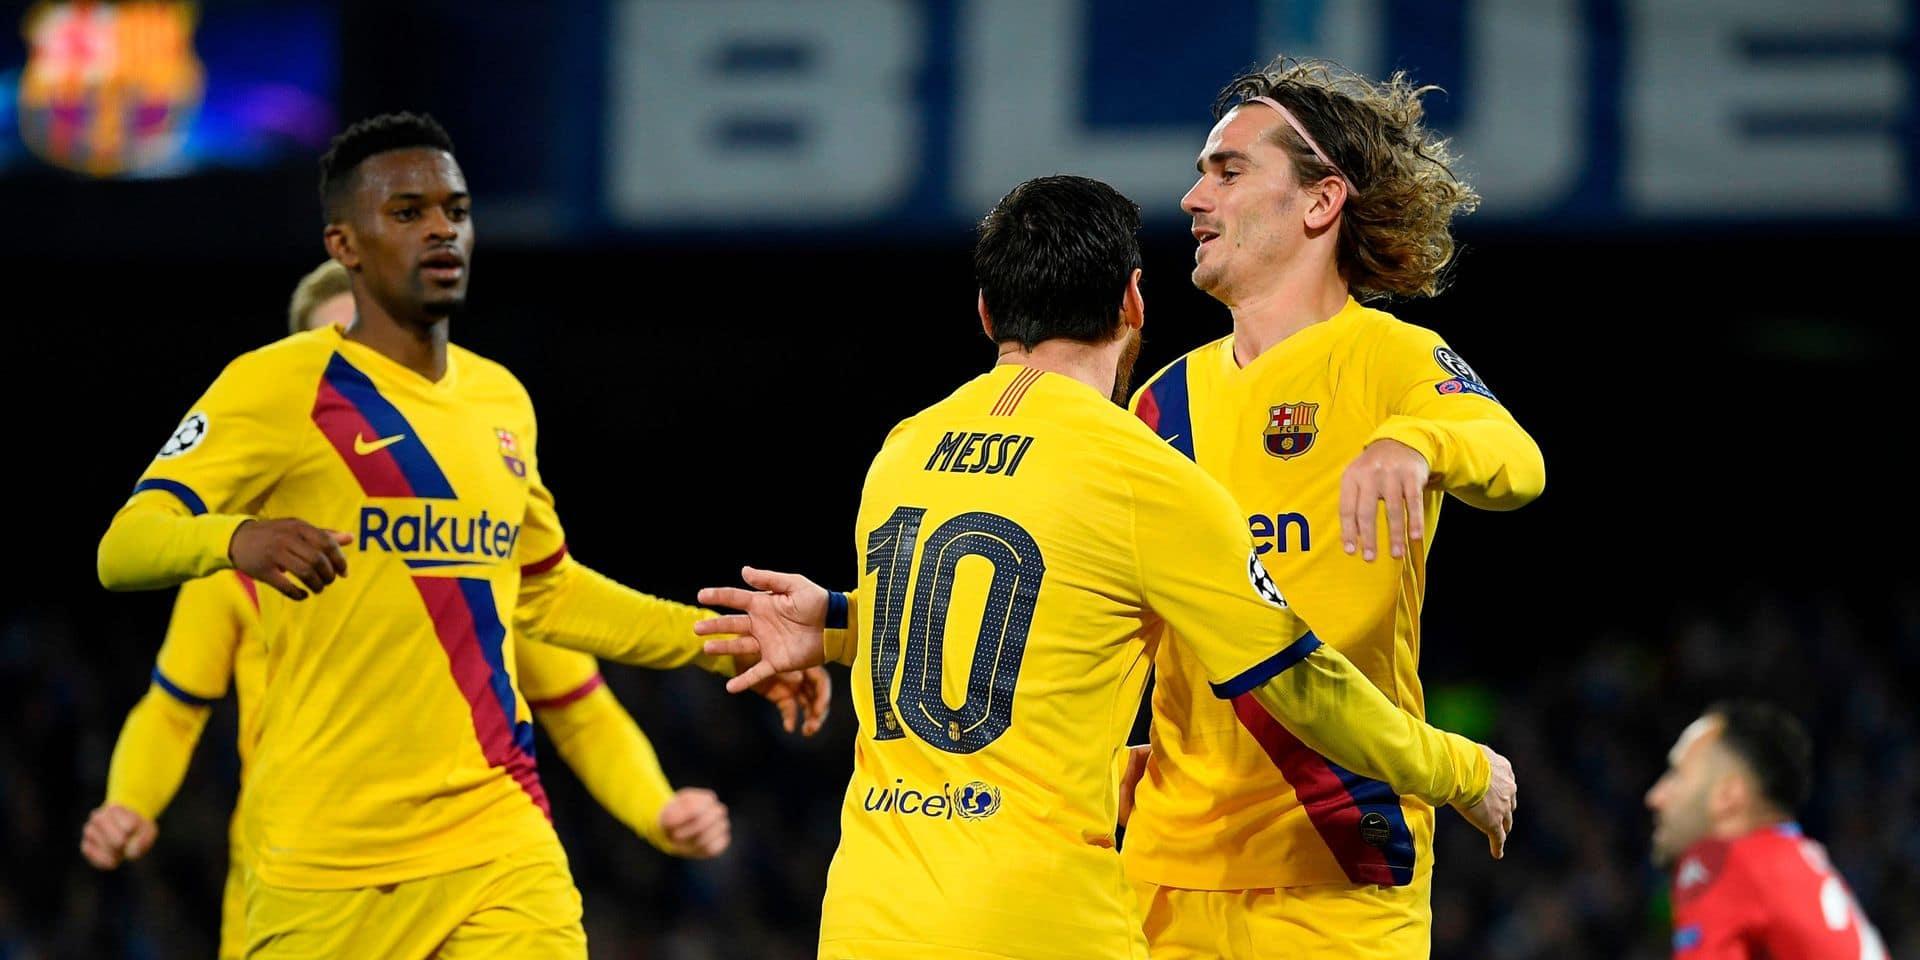 Le Bayern Munich corrige Chelsea, Naples et Barcelone se quittent sur un match nul avec un Mertens buteur mais blessé